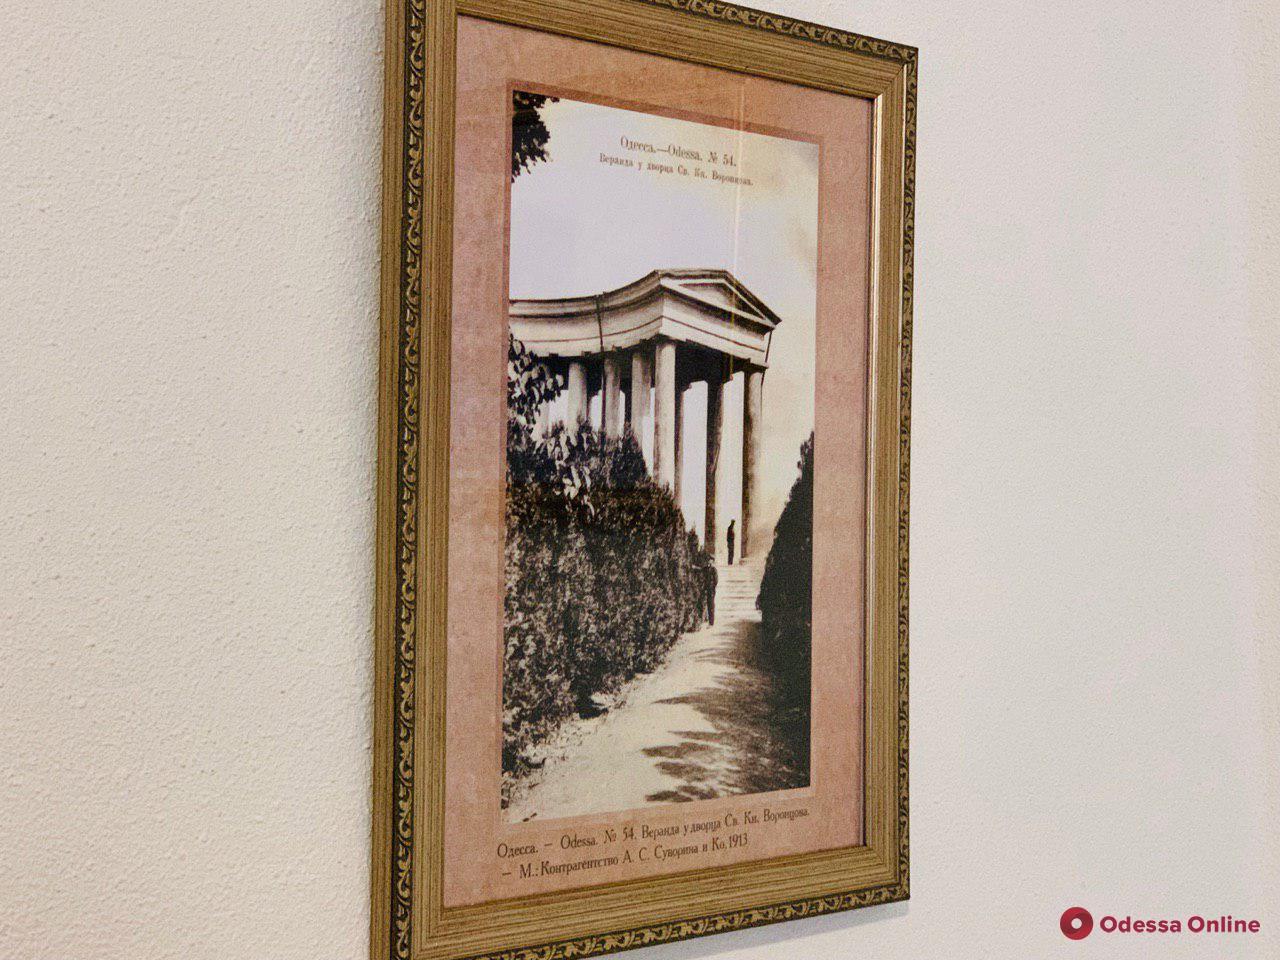 Английское ядро и надгробные плиты: в отреставрированной Воронцовской колоннаде открыли выставку артефактов